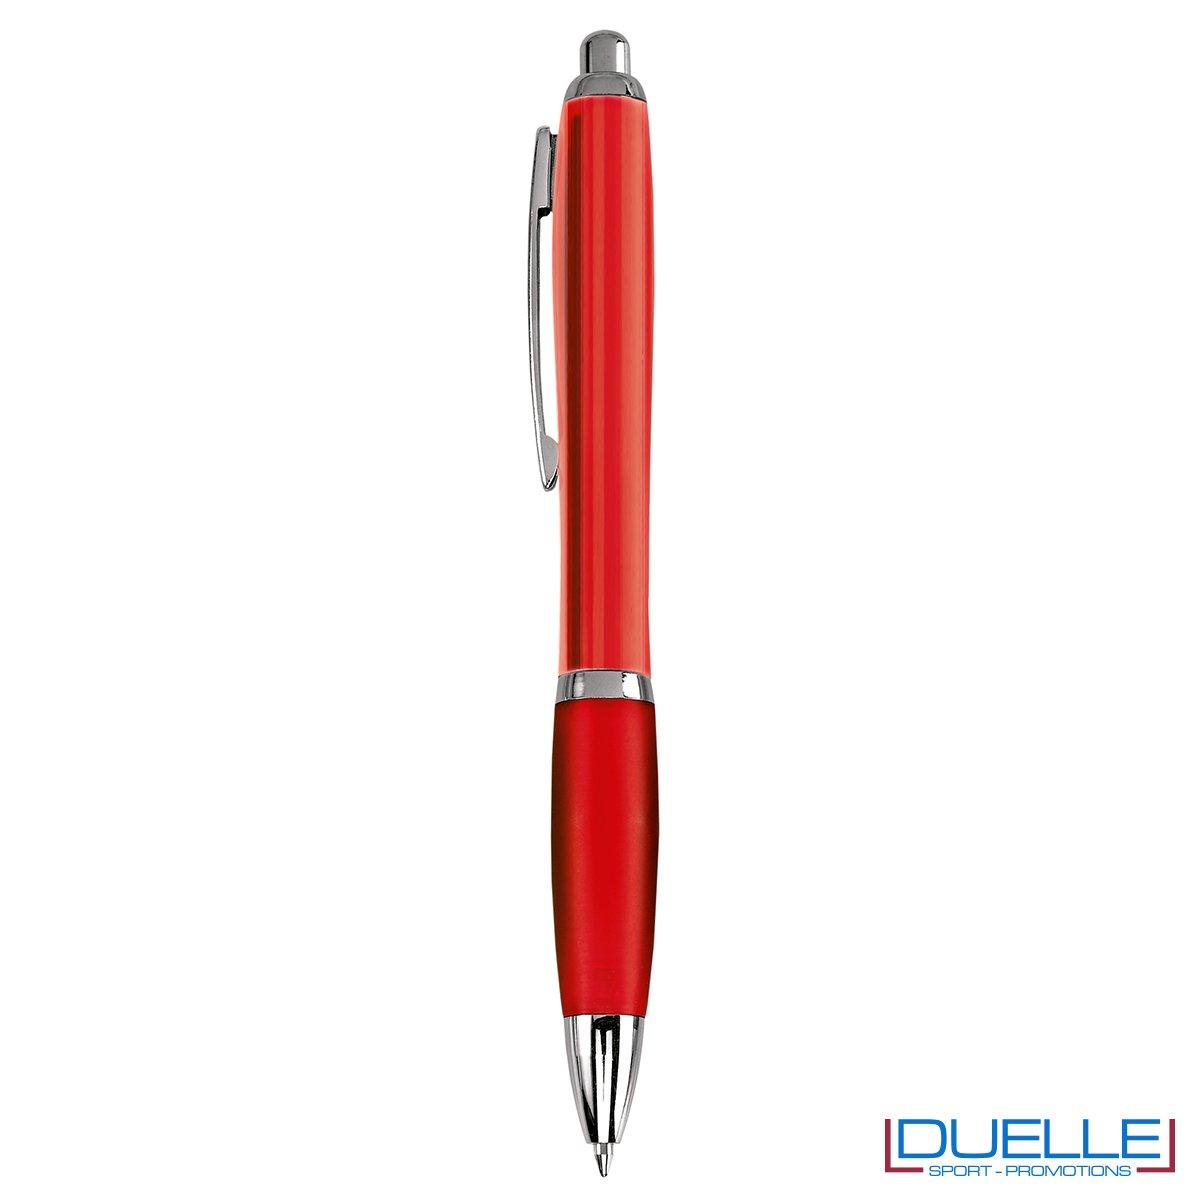 Penna economica personalizzata fusto traslucido colore rosso